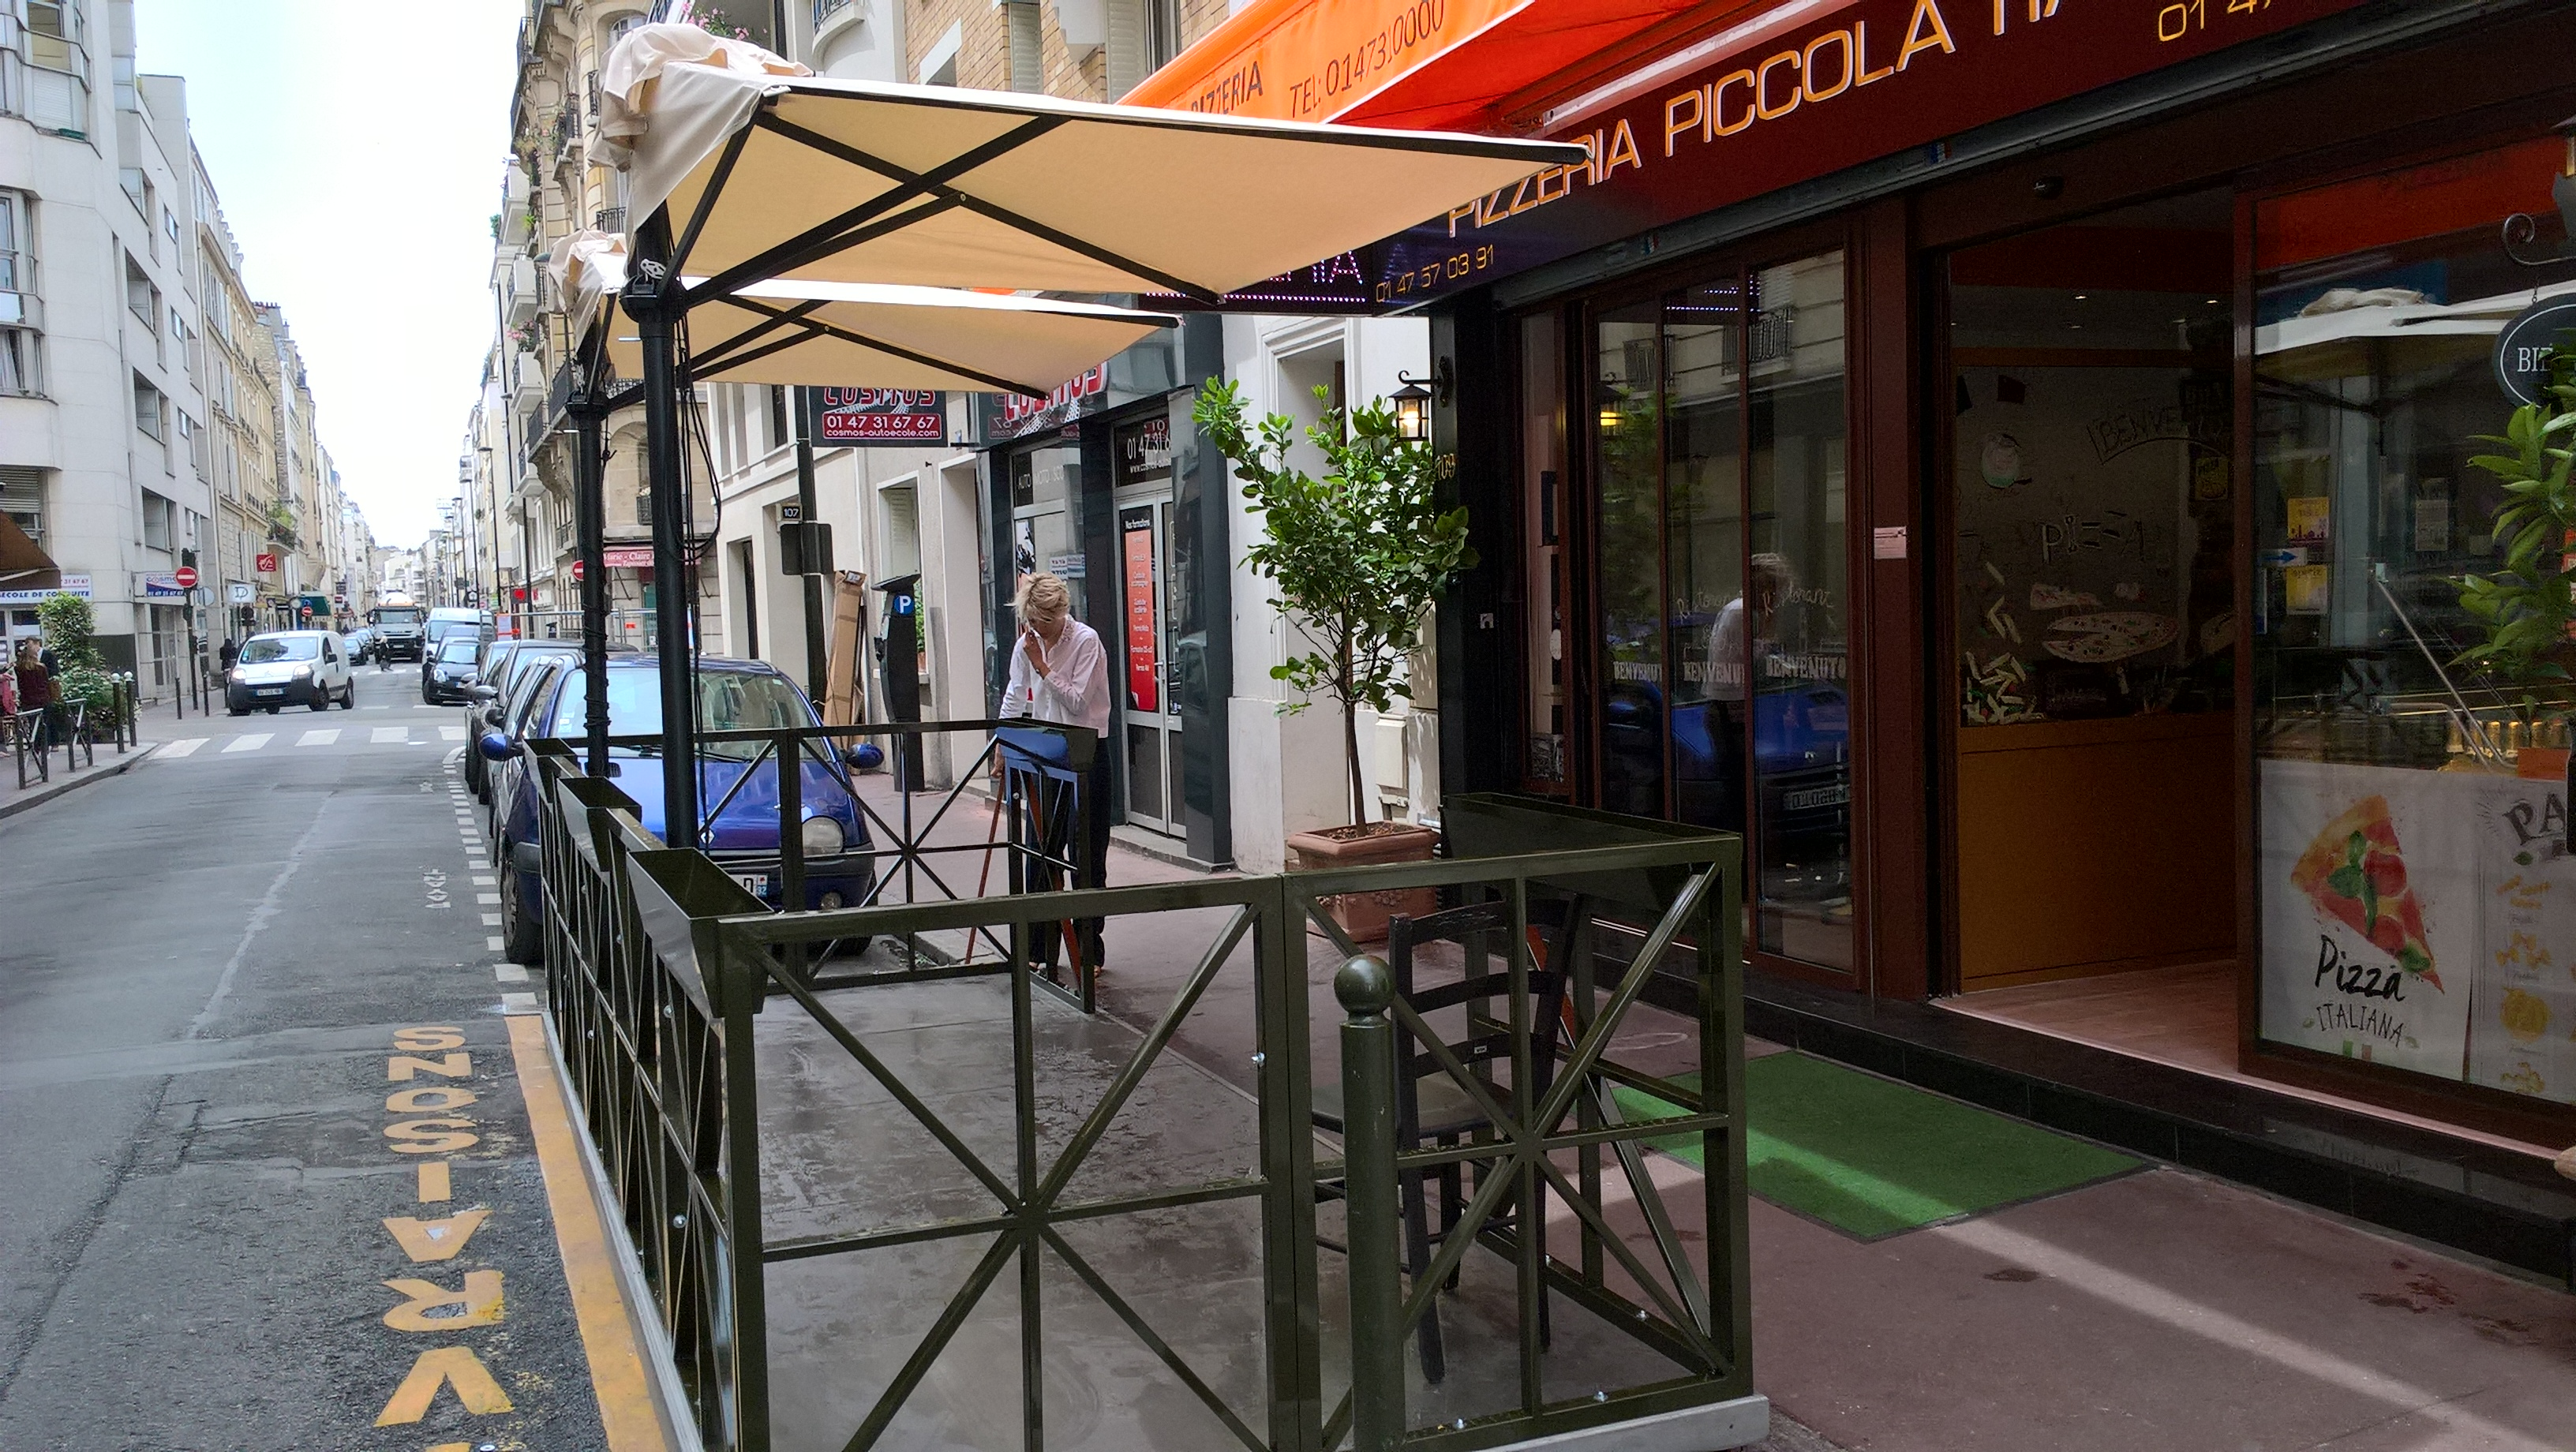 plateatico-dehor-piccola-italia-parigi6